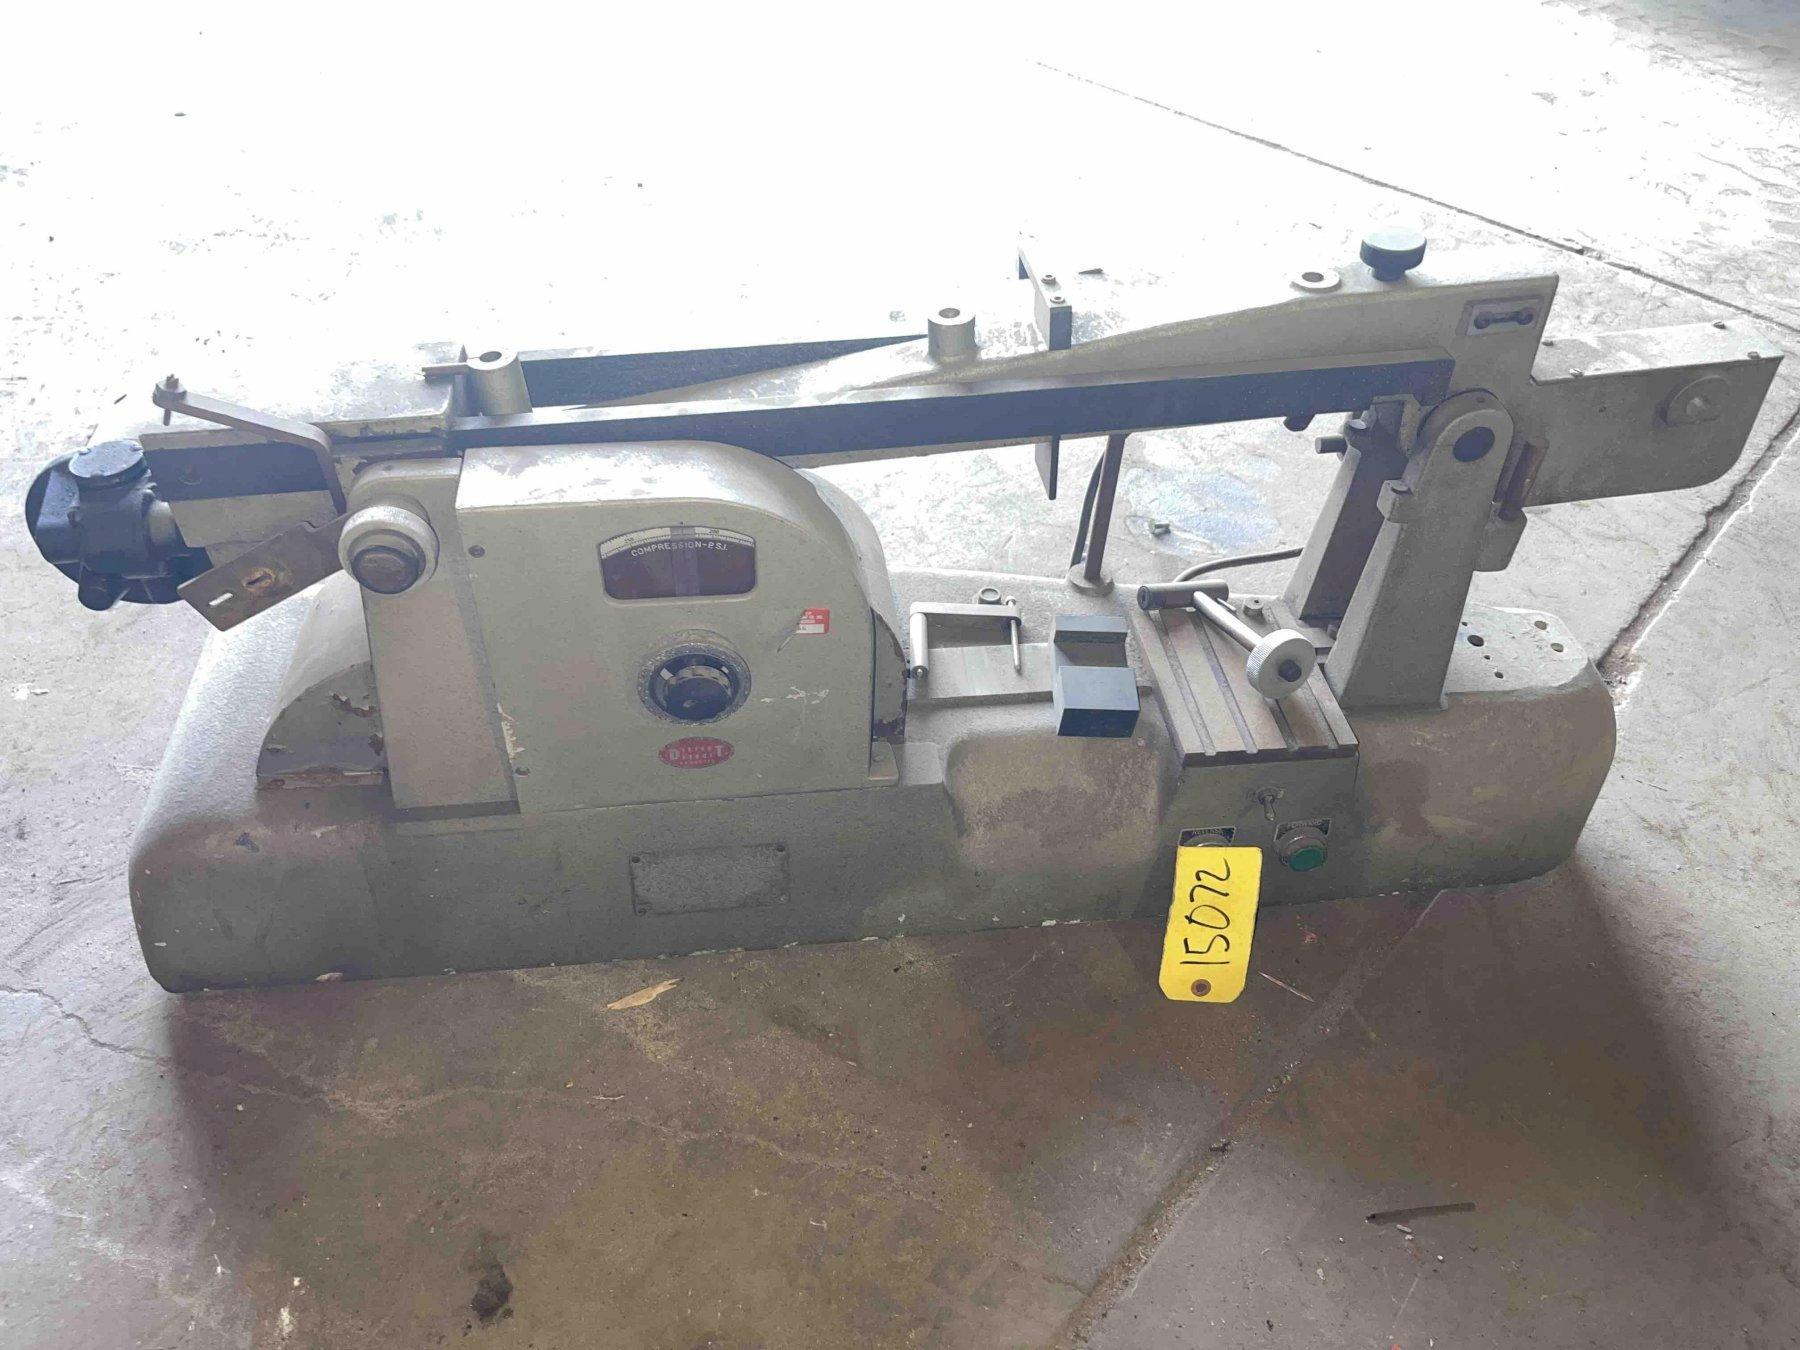 DIETERT MODEL 405 SAND STRENGTH MACHINE